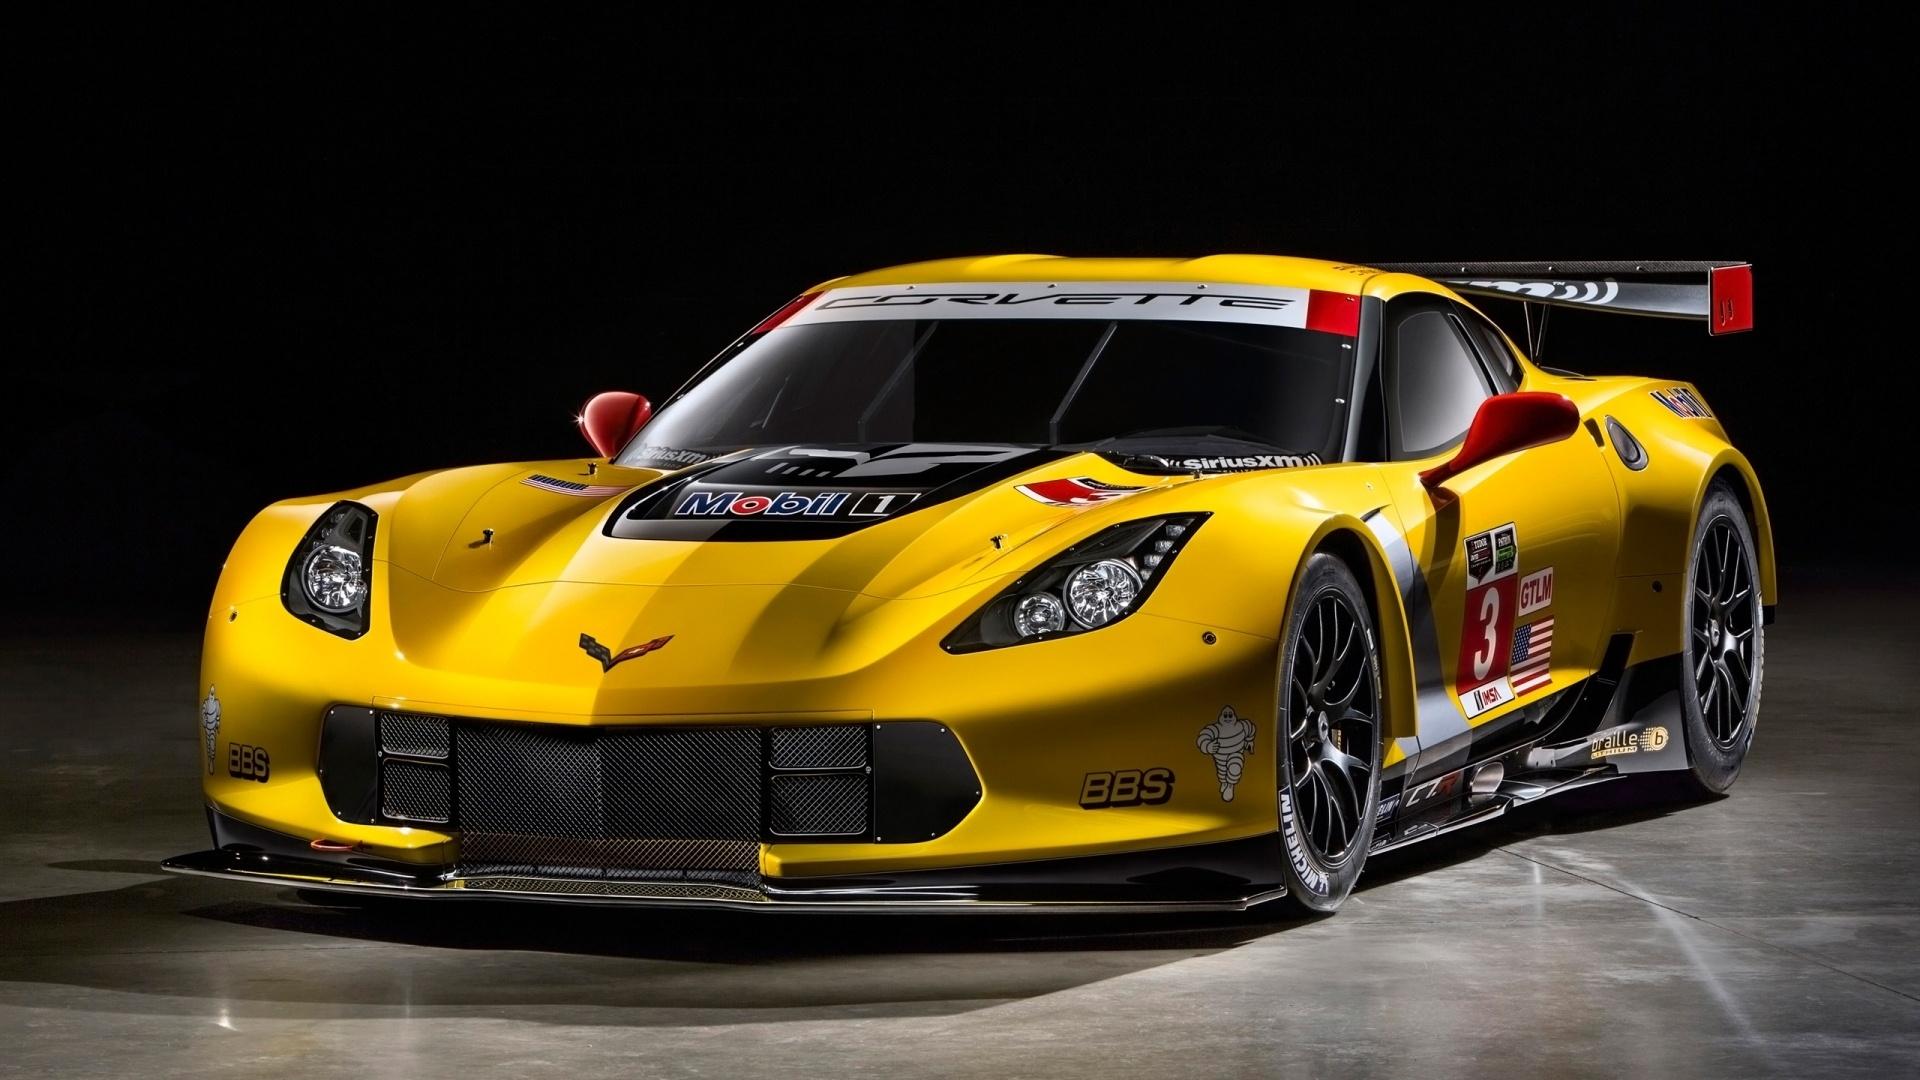 Corvette hd background